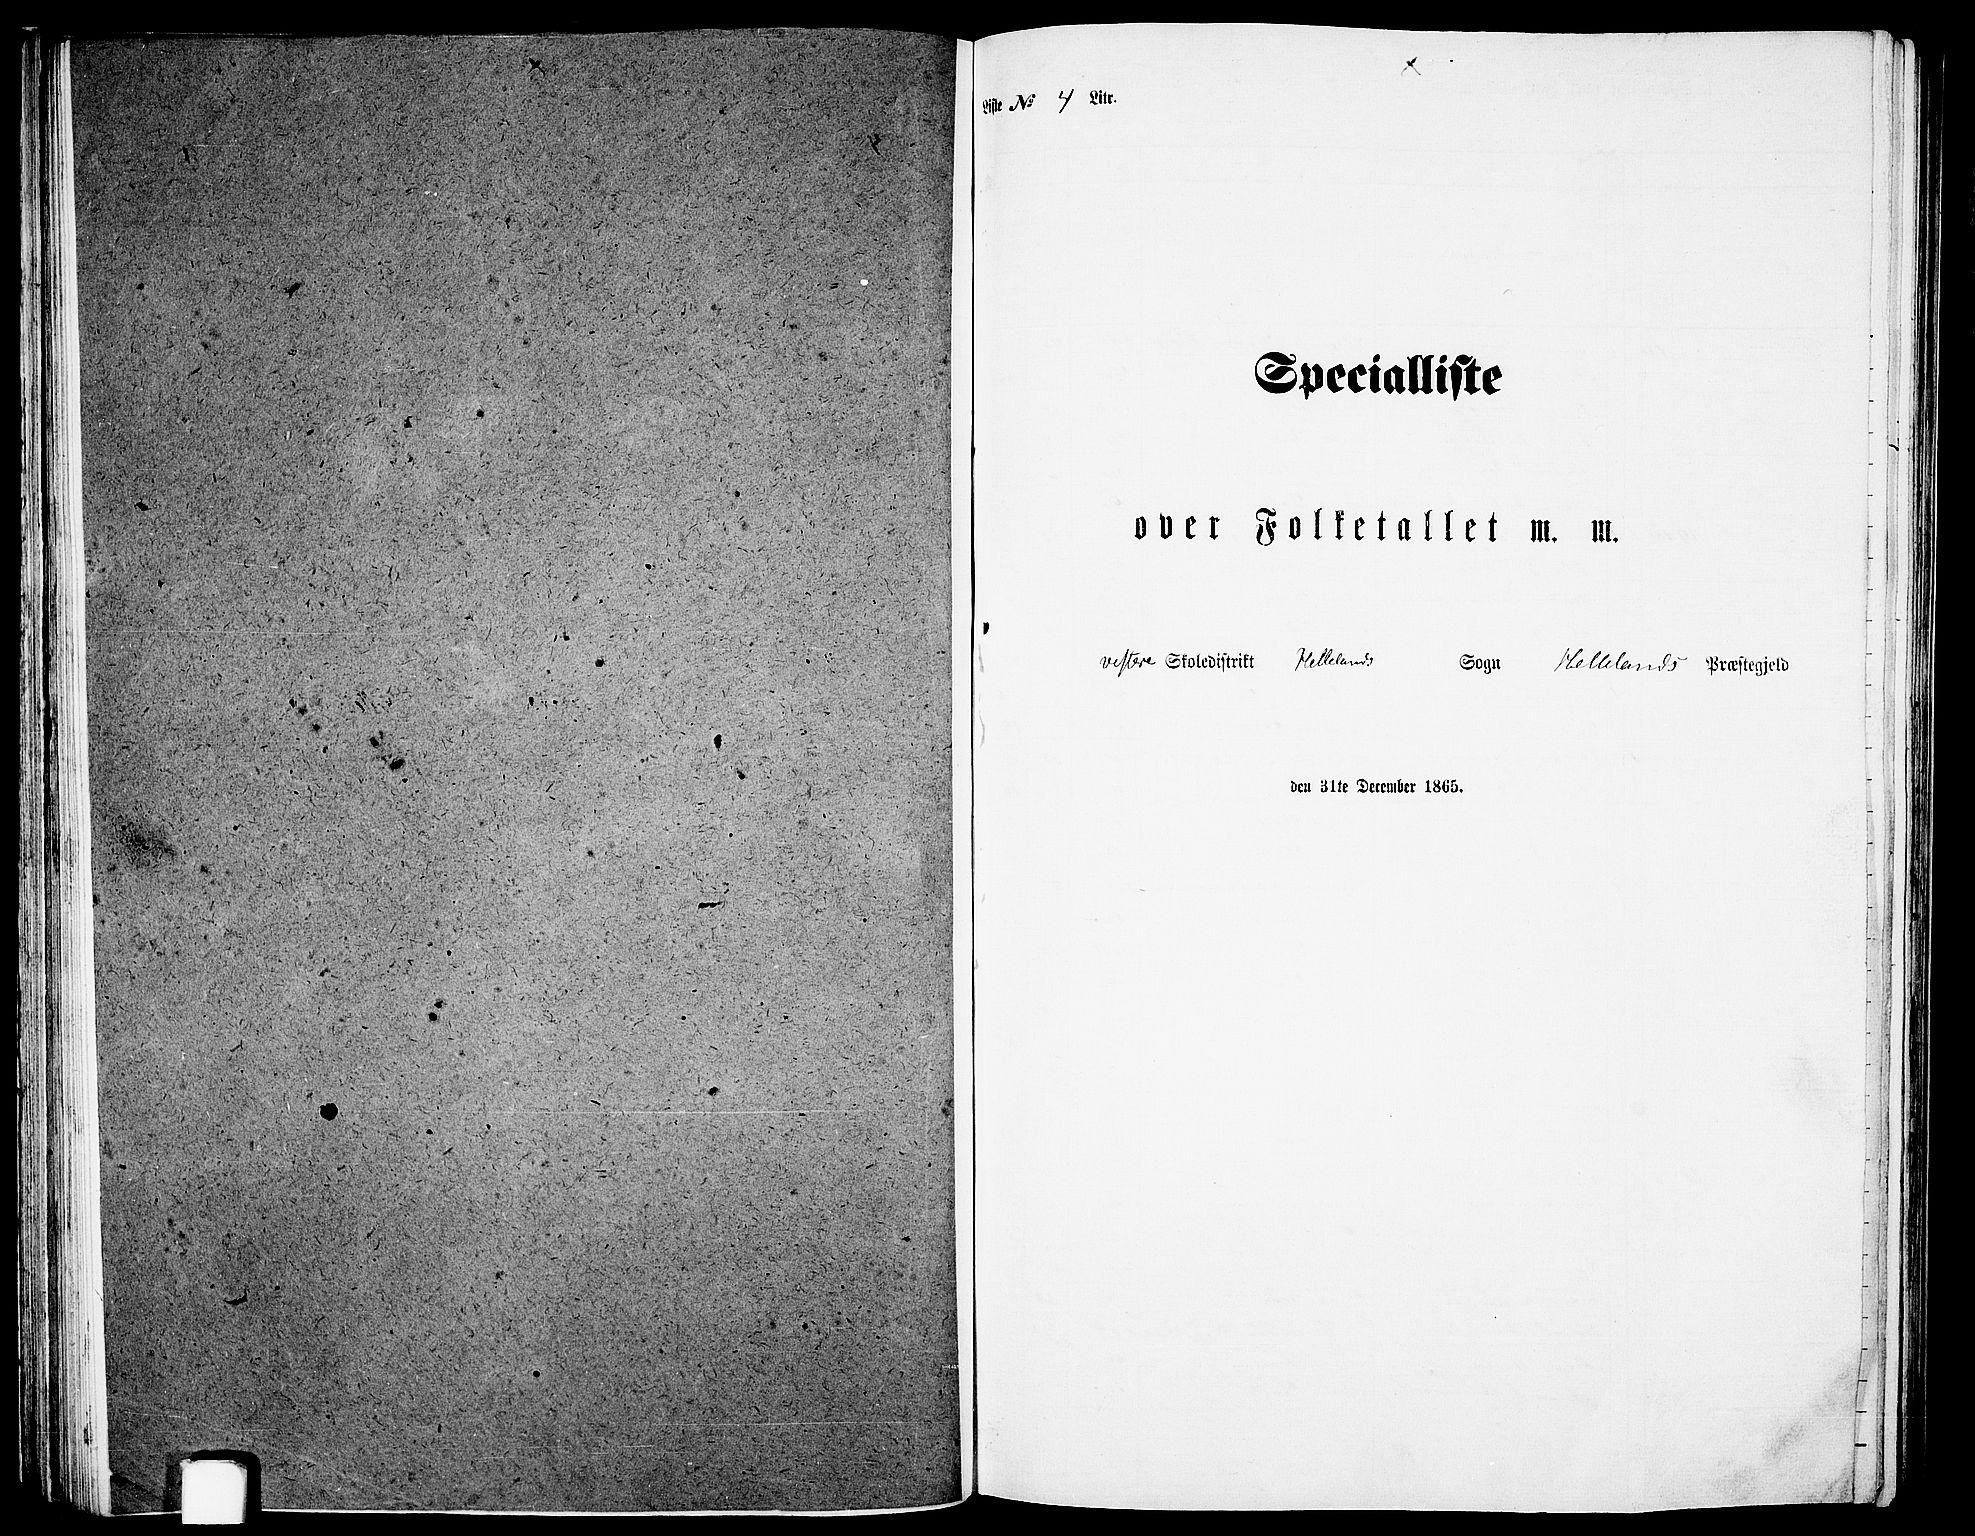 RA, Folketelling 1865 for 1115P Helleland prestegjeld, 1865, s. 54